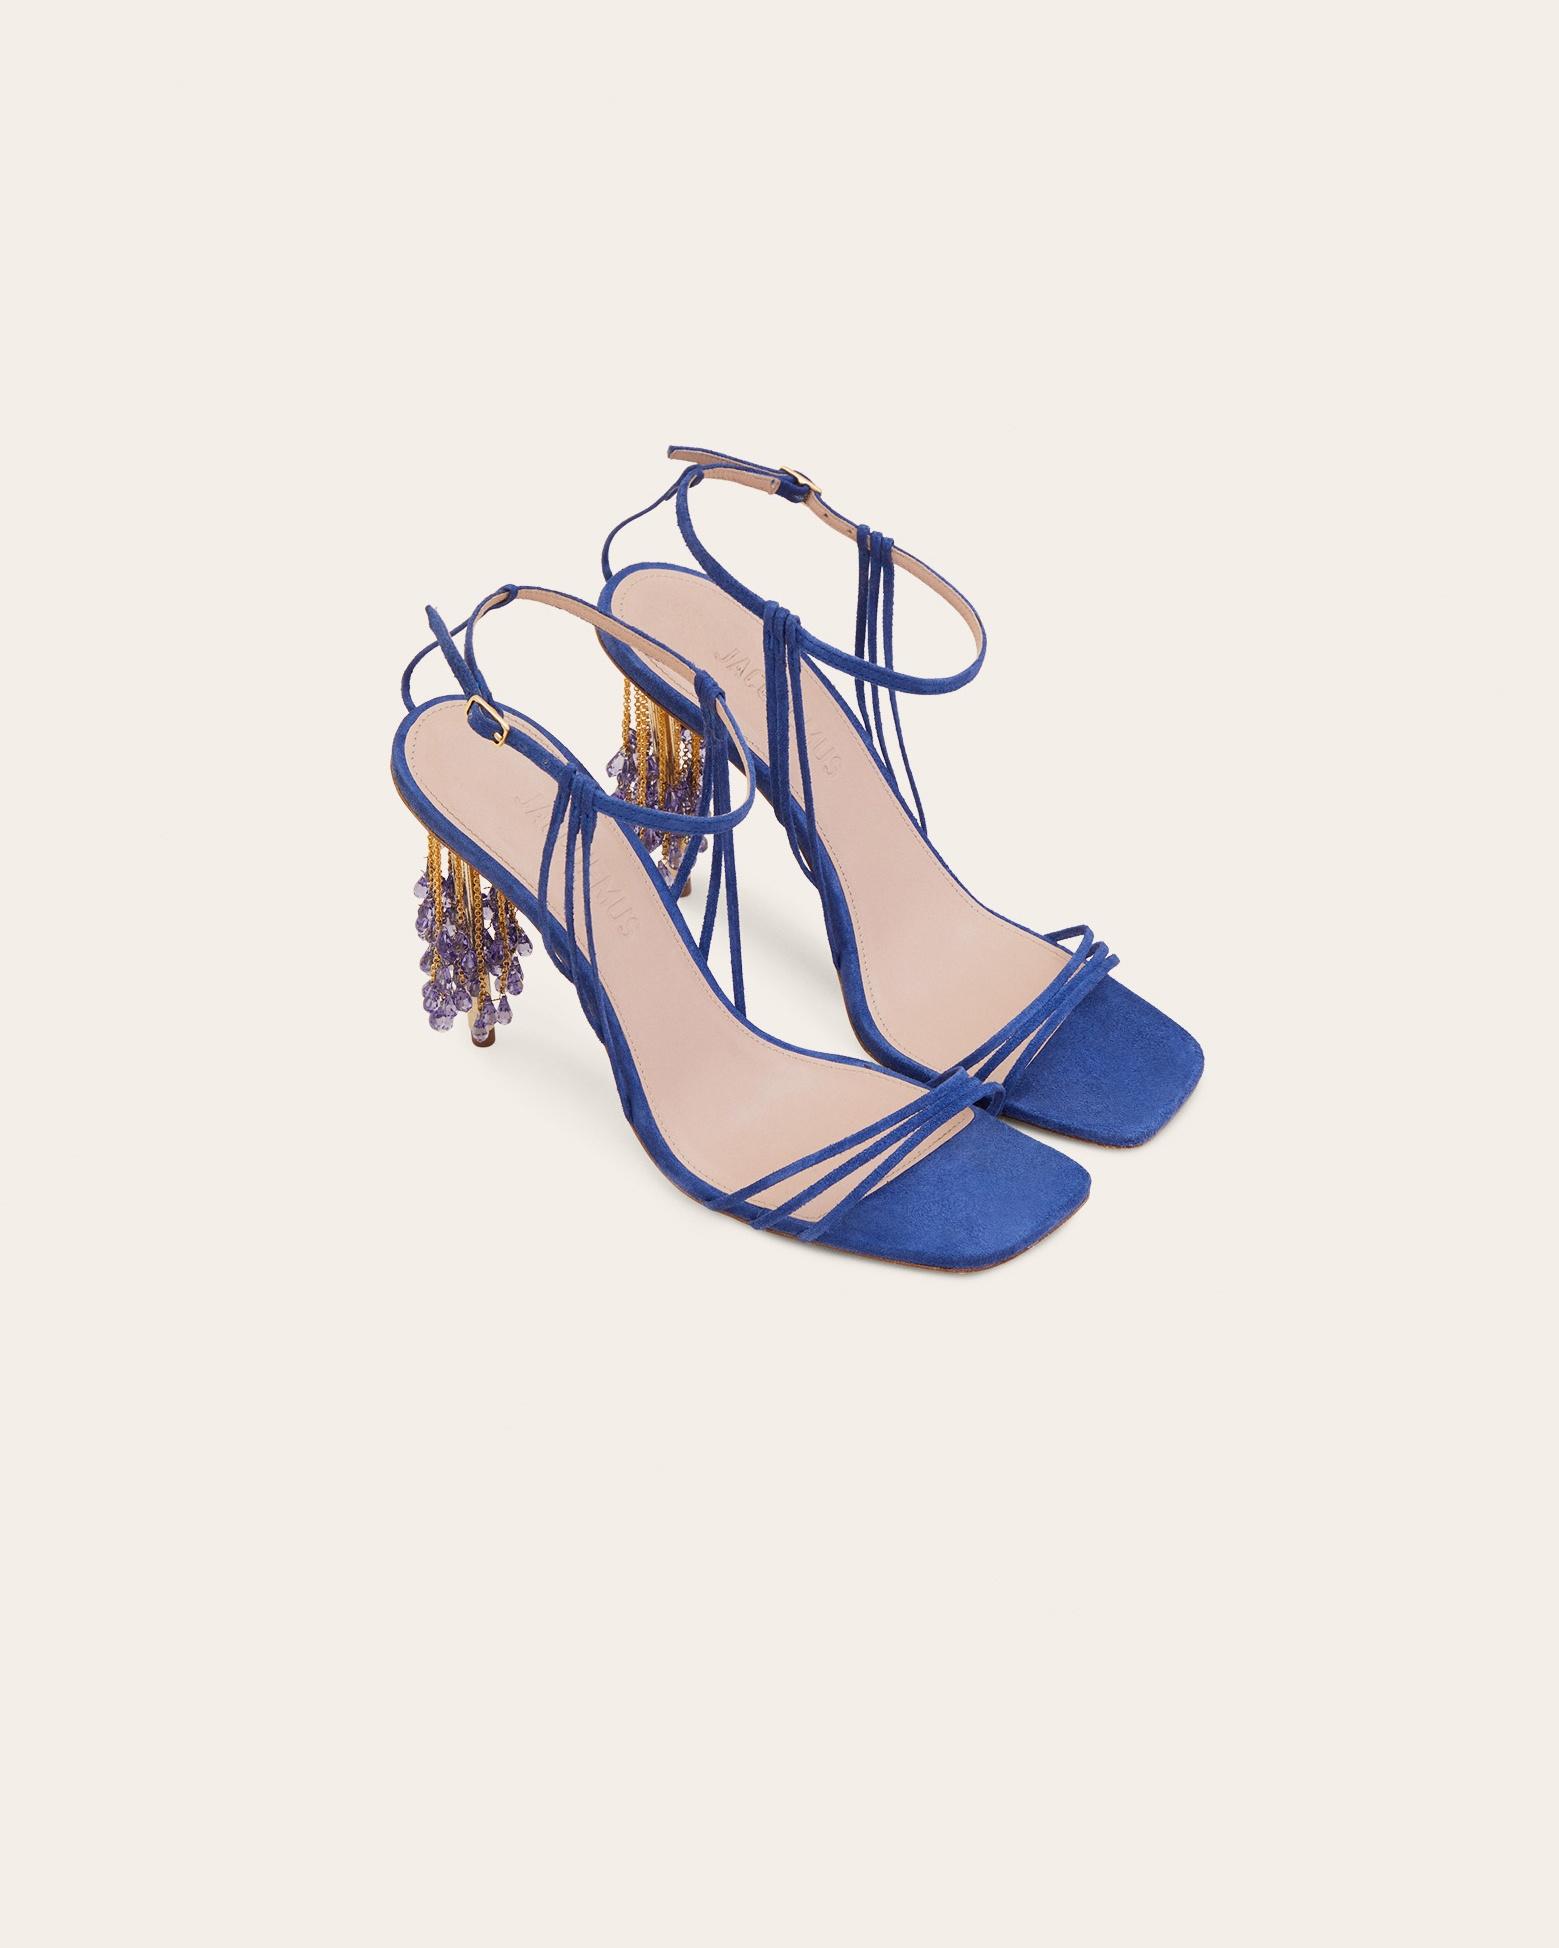 Les sandales Lavandes